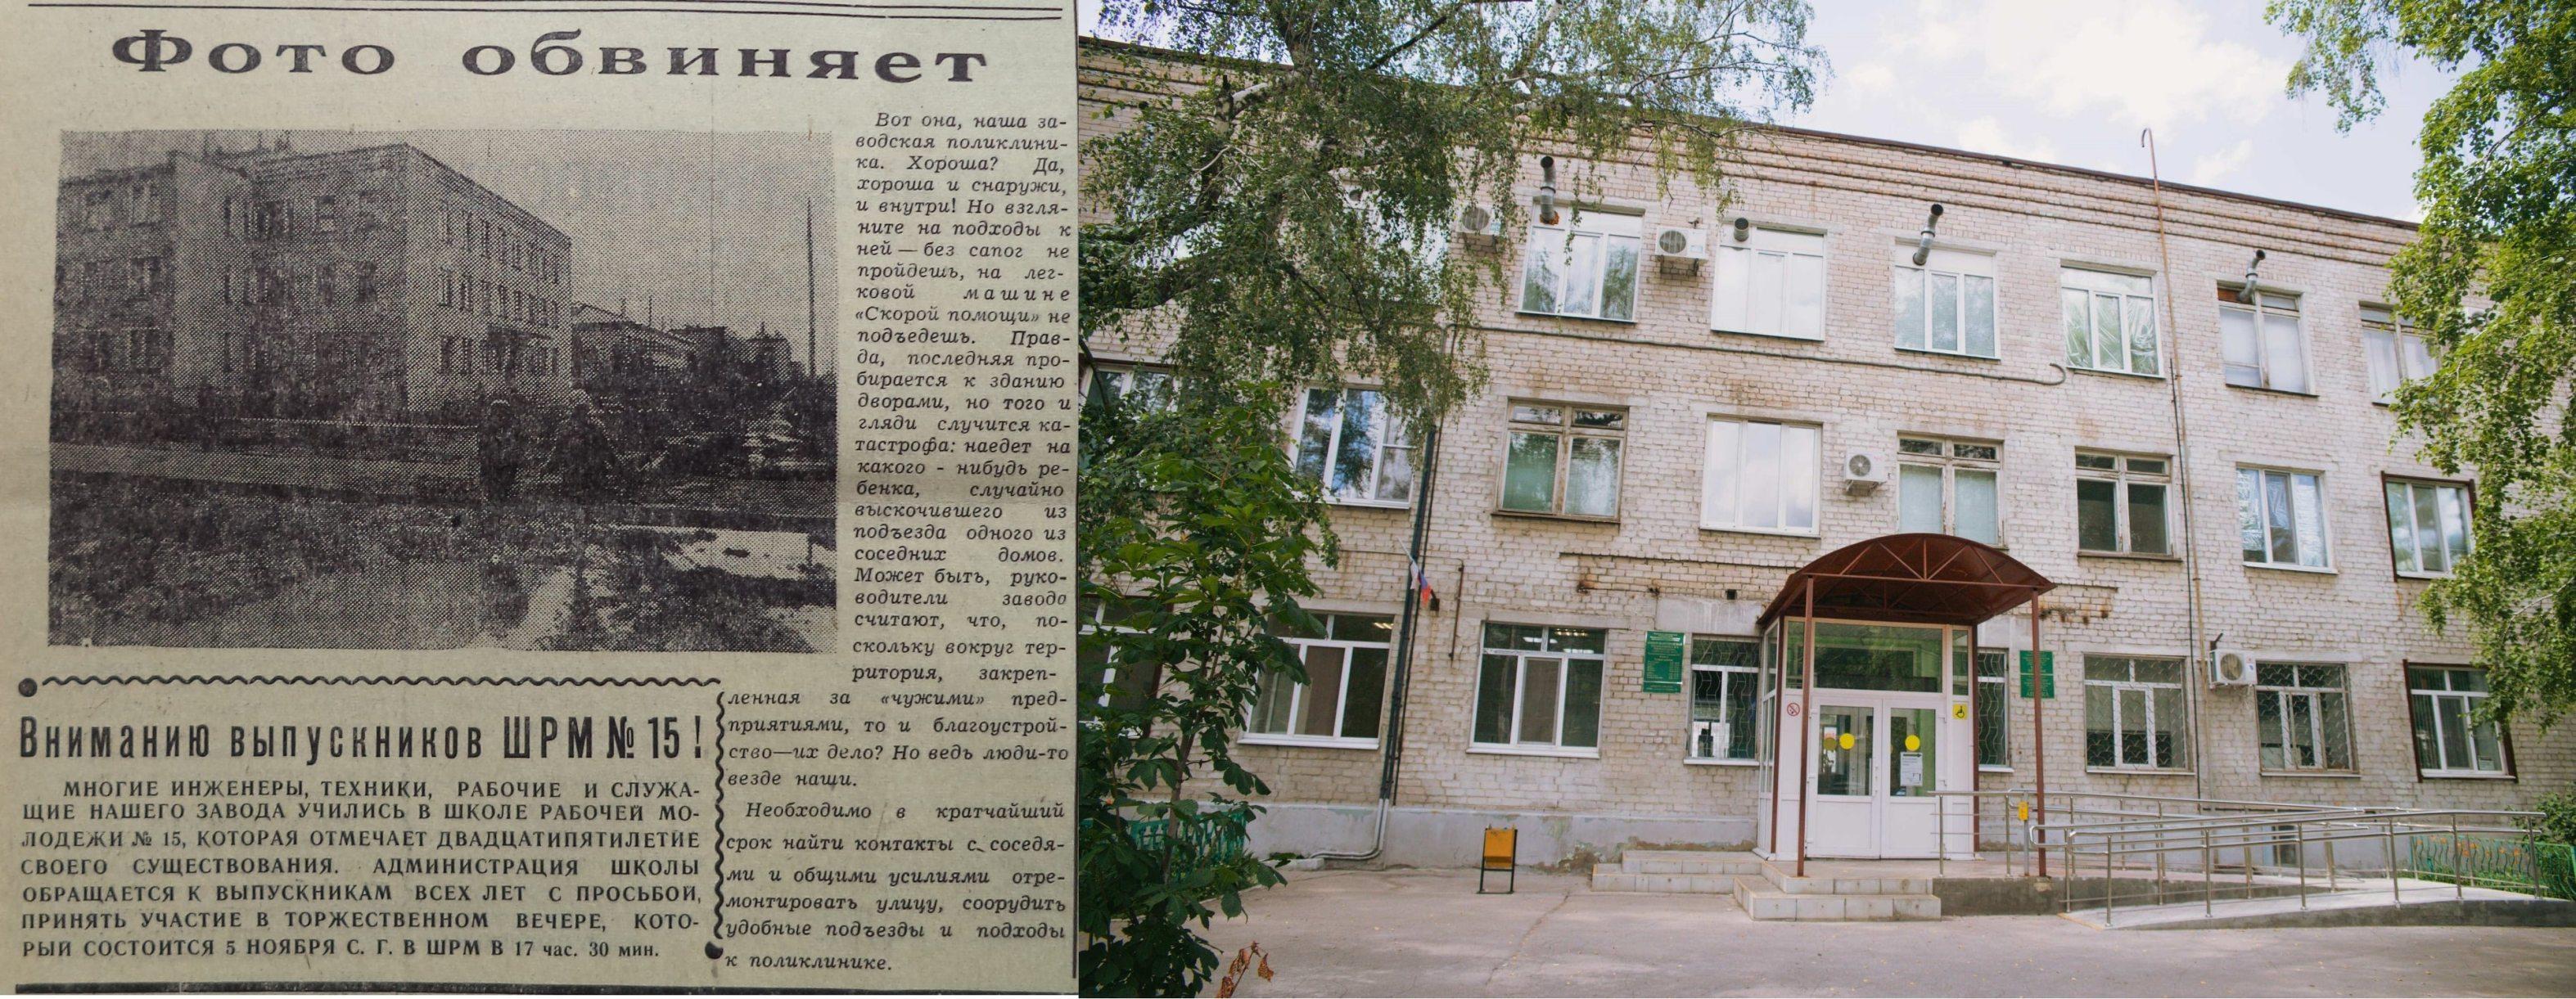 Физкультурная-ФОТО-68-Заводская жизнь-1969-28 октября-min-min